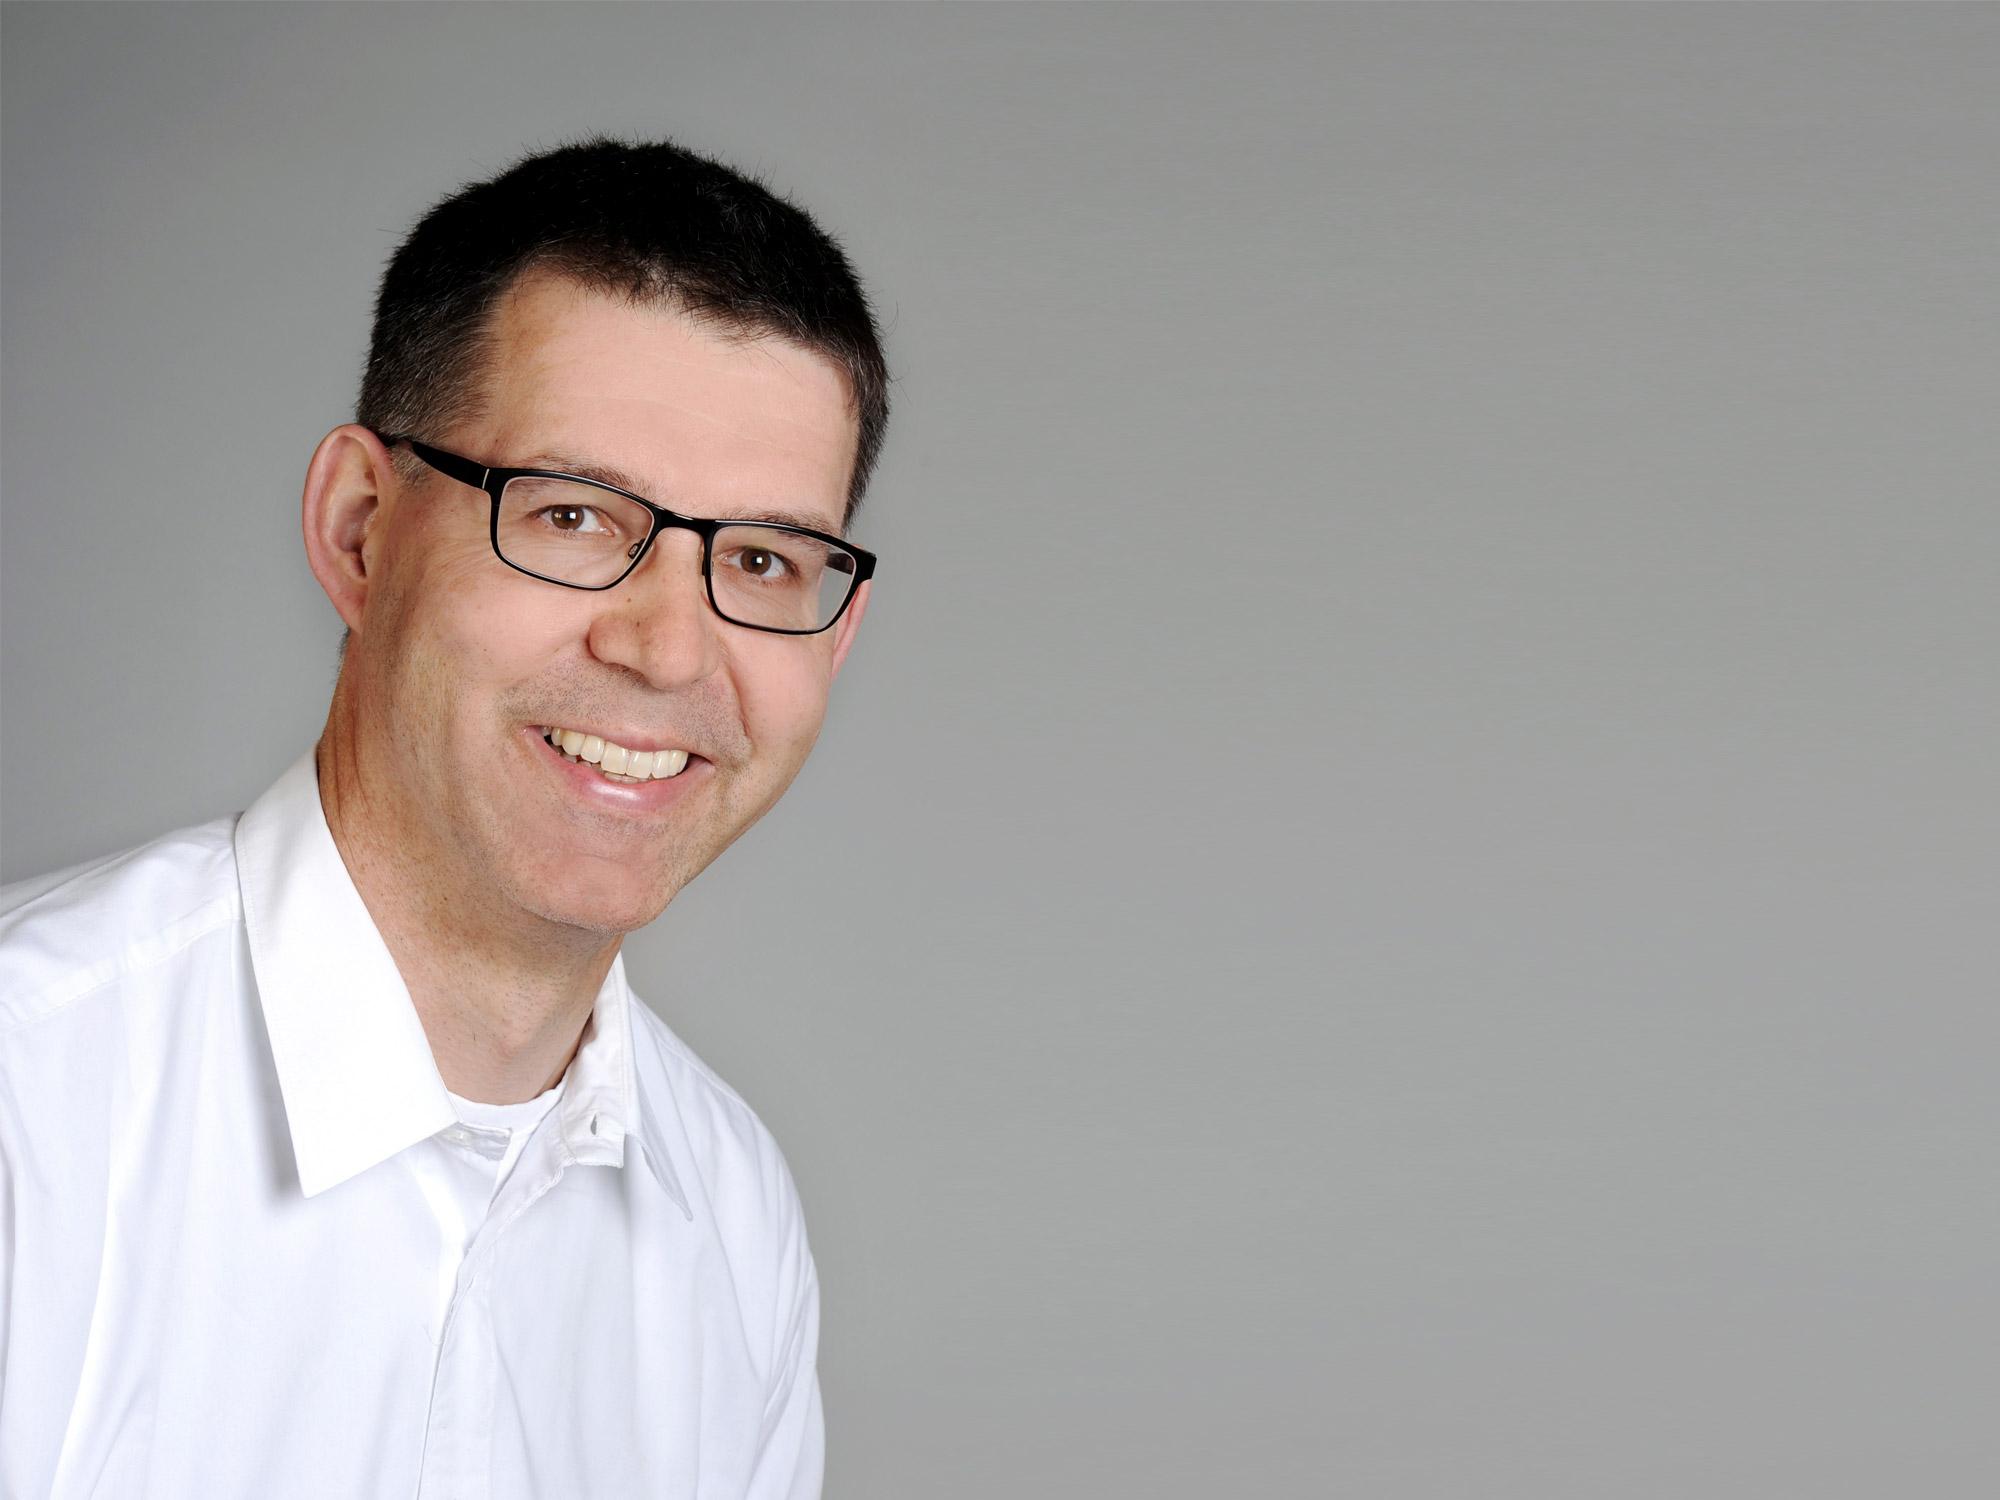 GEO Netz Vermessung und Bauingenieurwesen, Geomatik Schwyz Lukas Domeisen